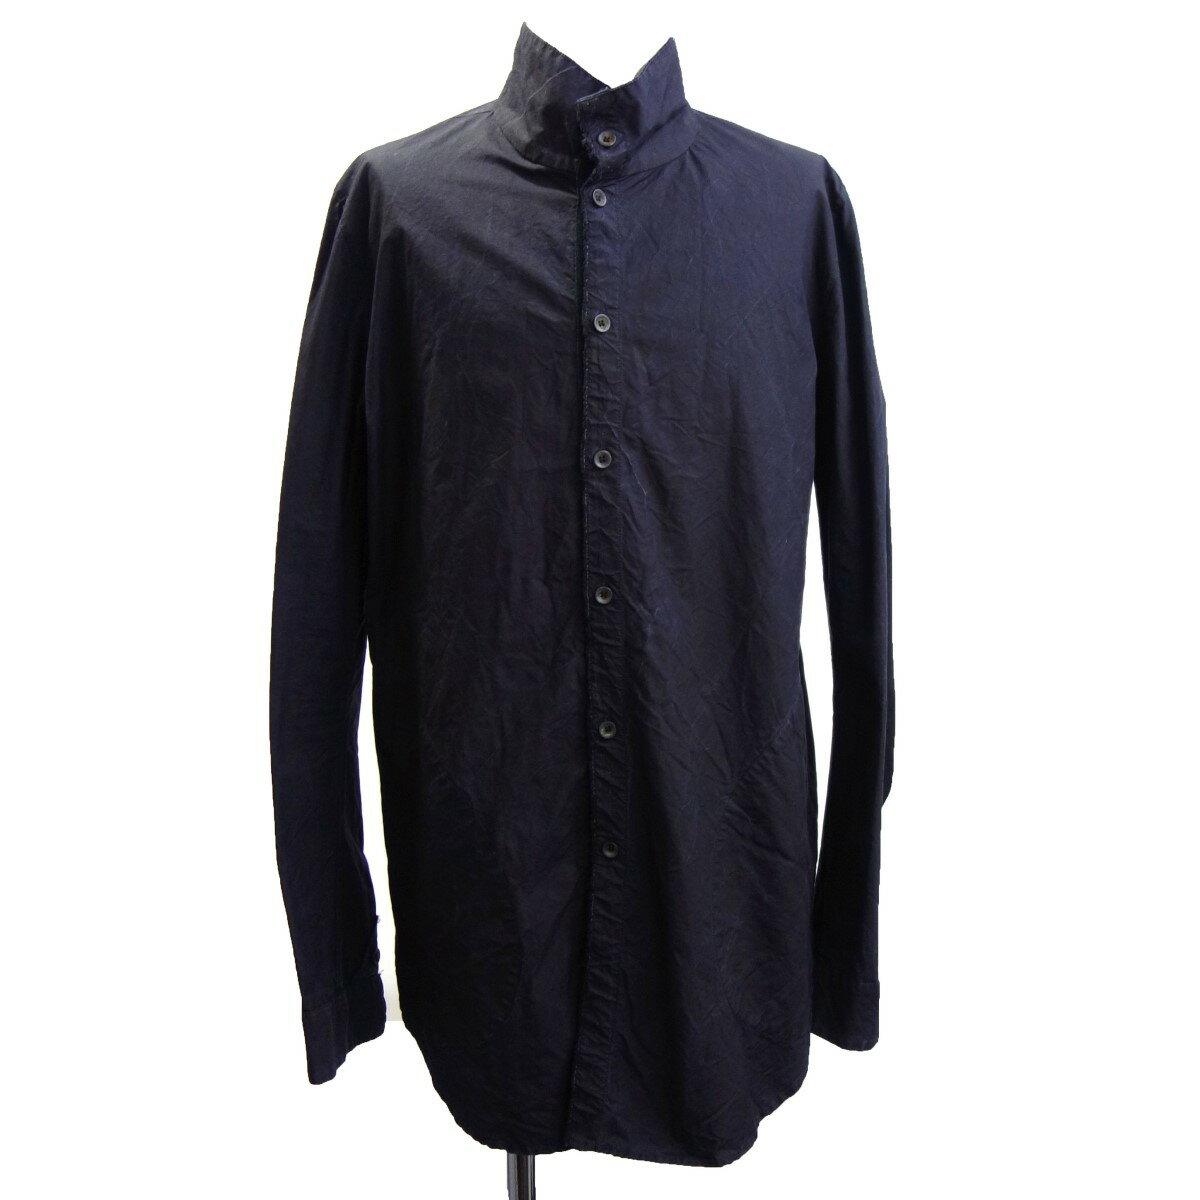 トップス, カジュアルシャツ PRPATTERSON 16AWPOCKET SHIRT M 201020